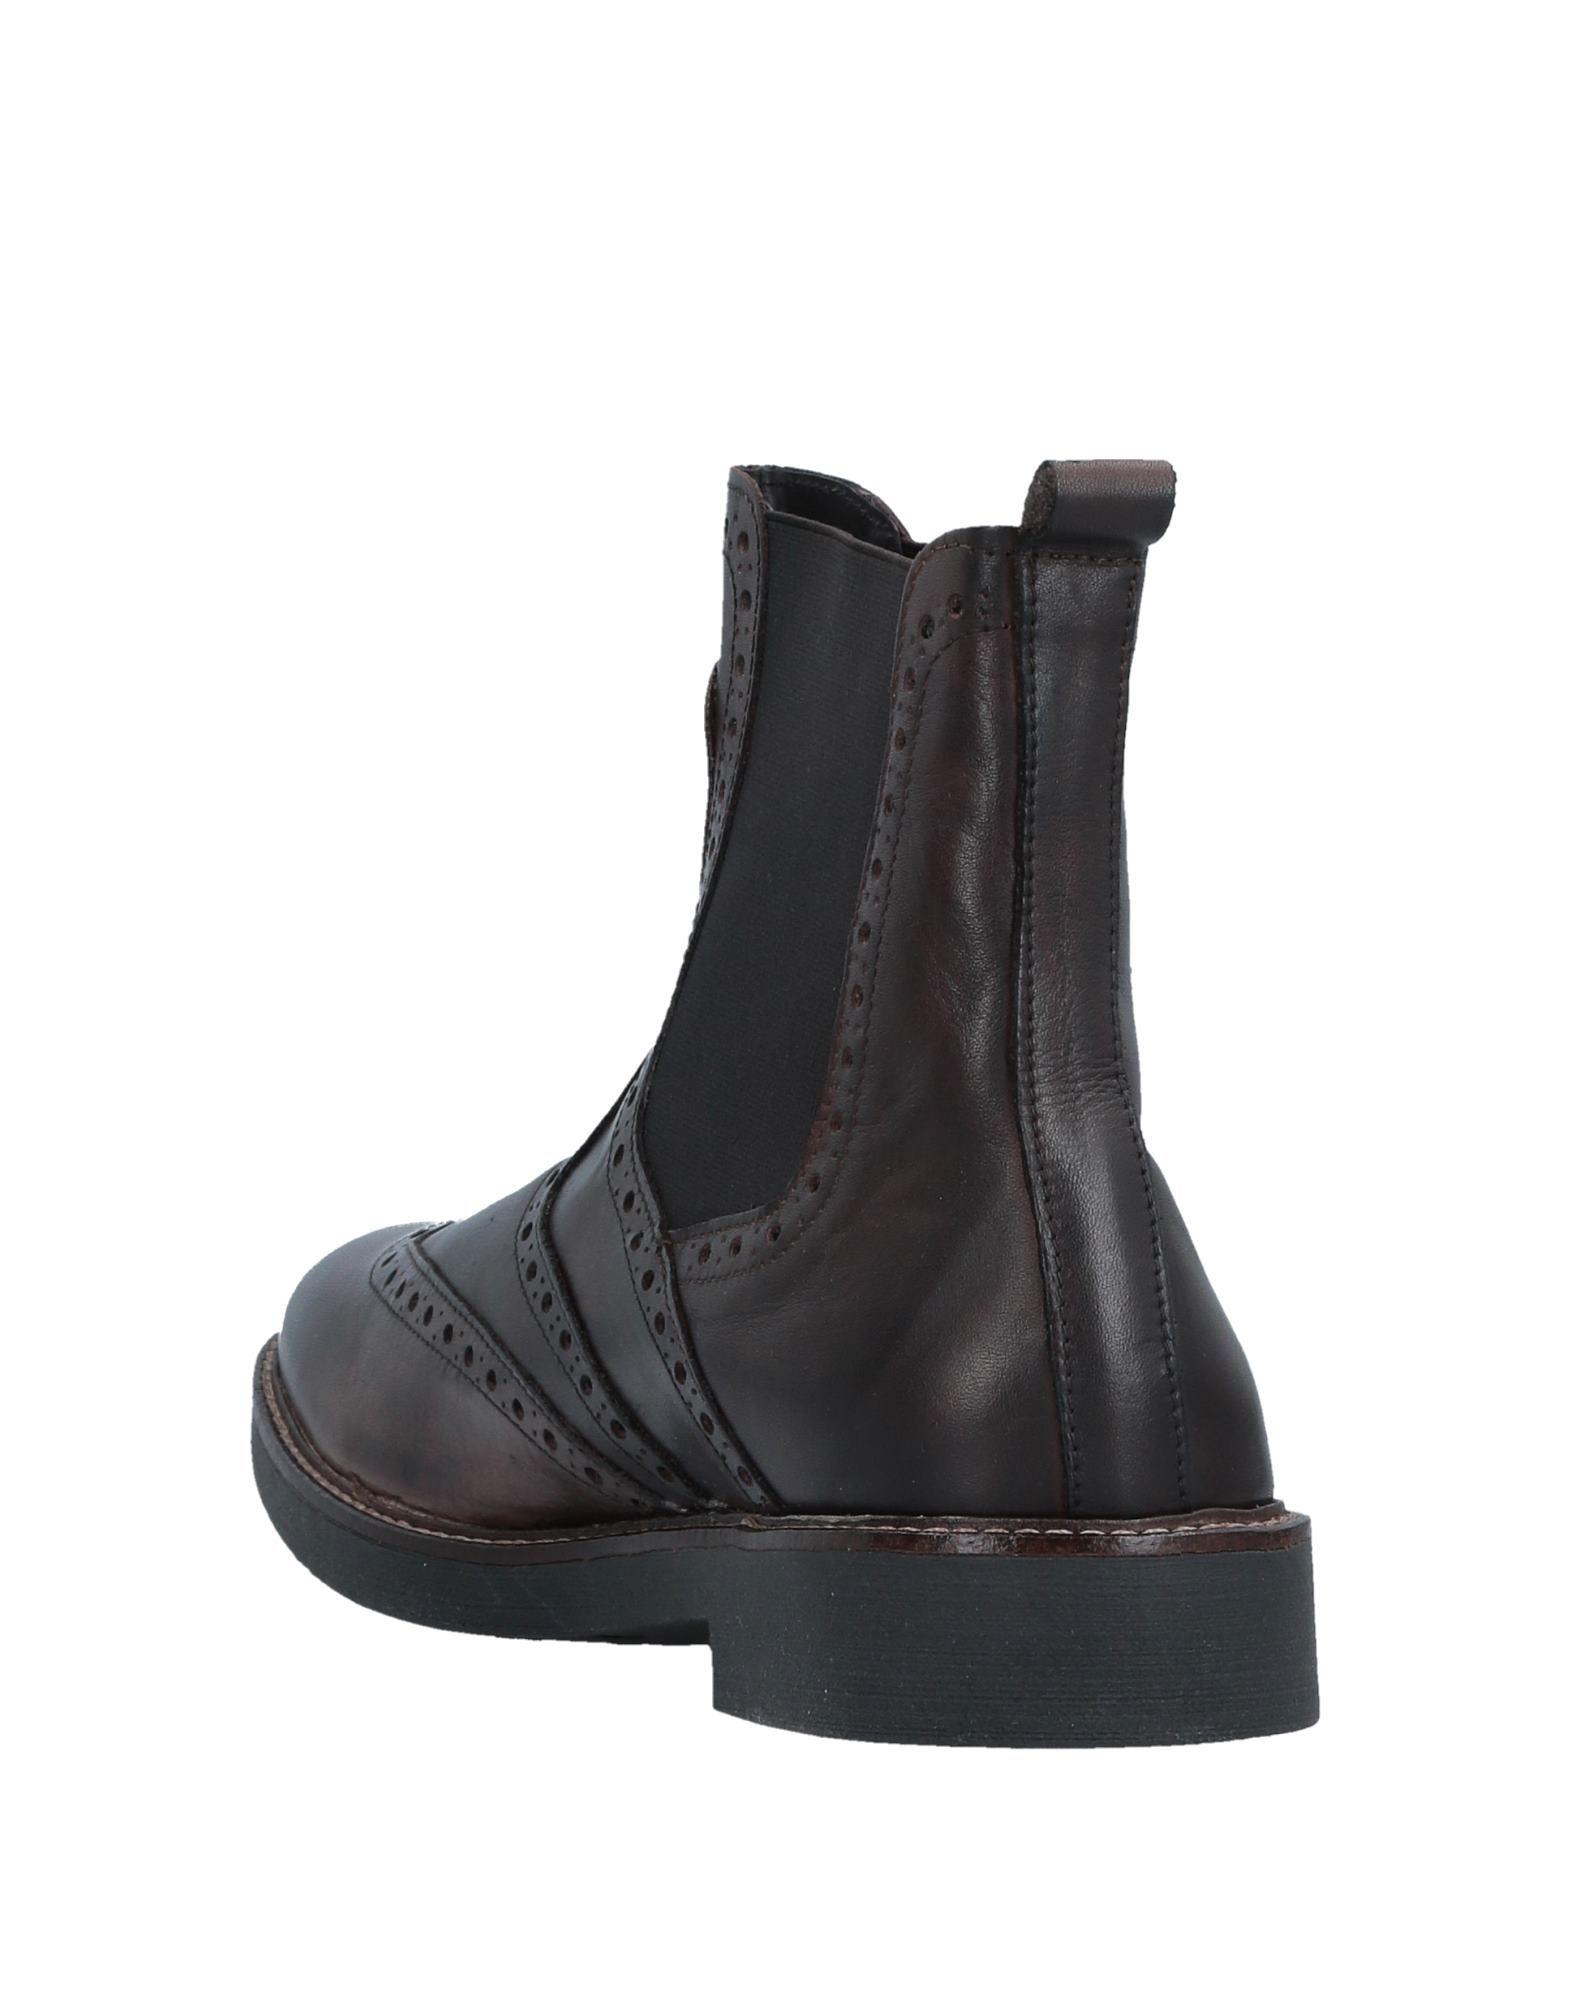 Rabatt Herren echte Schuhe Dama Stiefelette Herren Rabatt  11513412EV b914f7